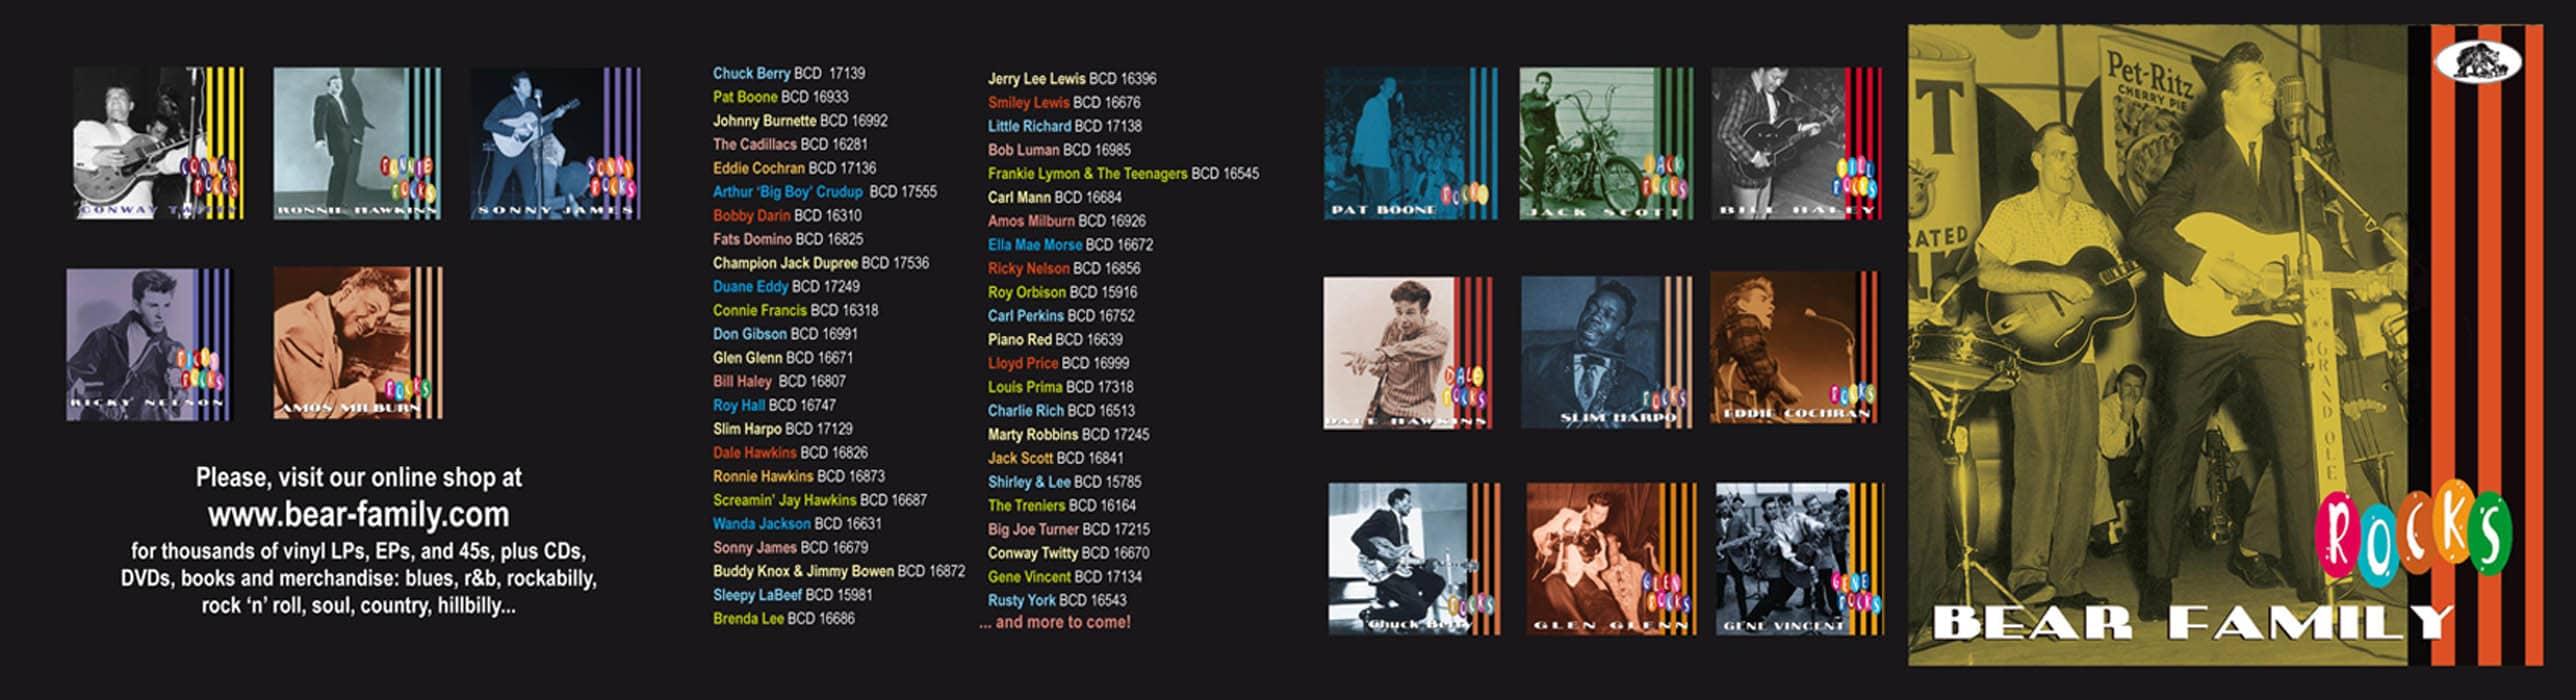 dio discography allmusic